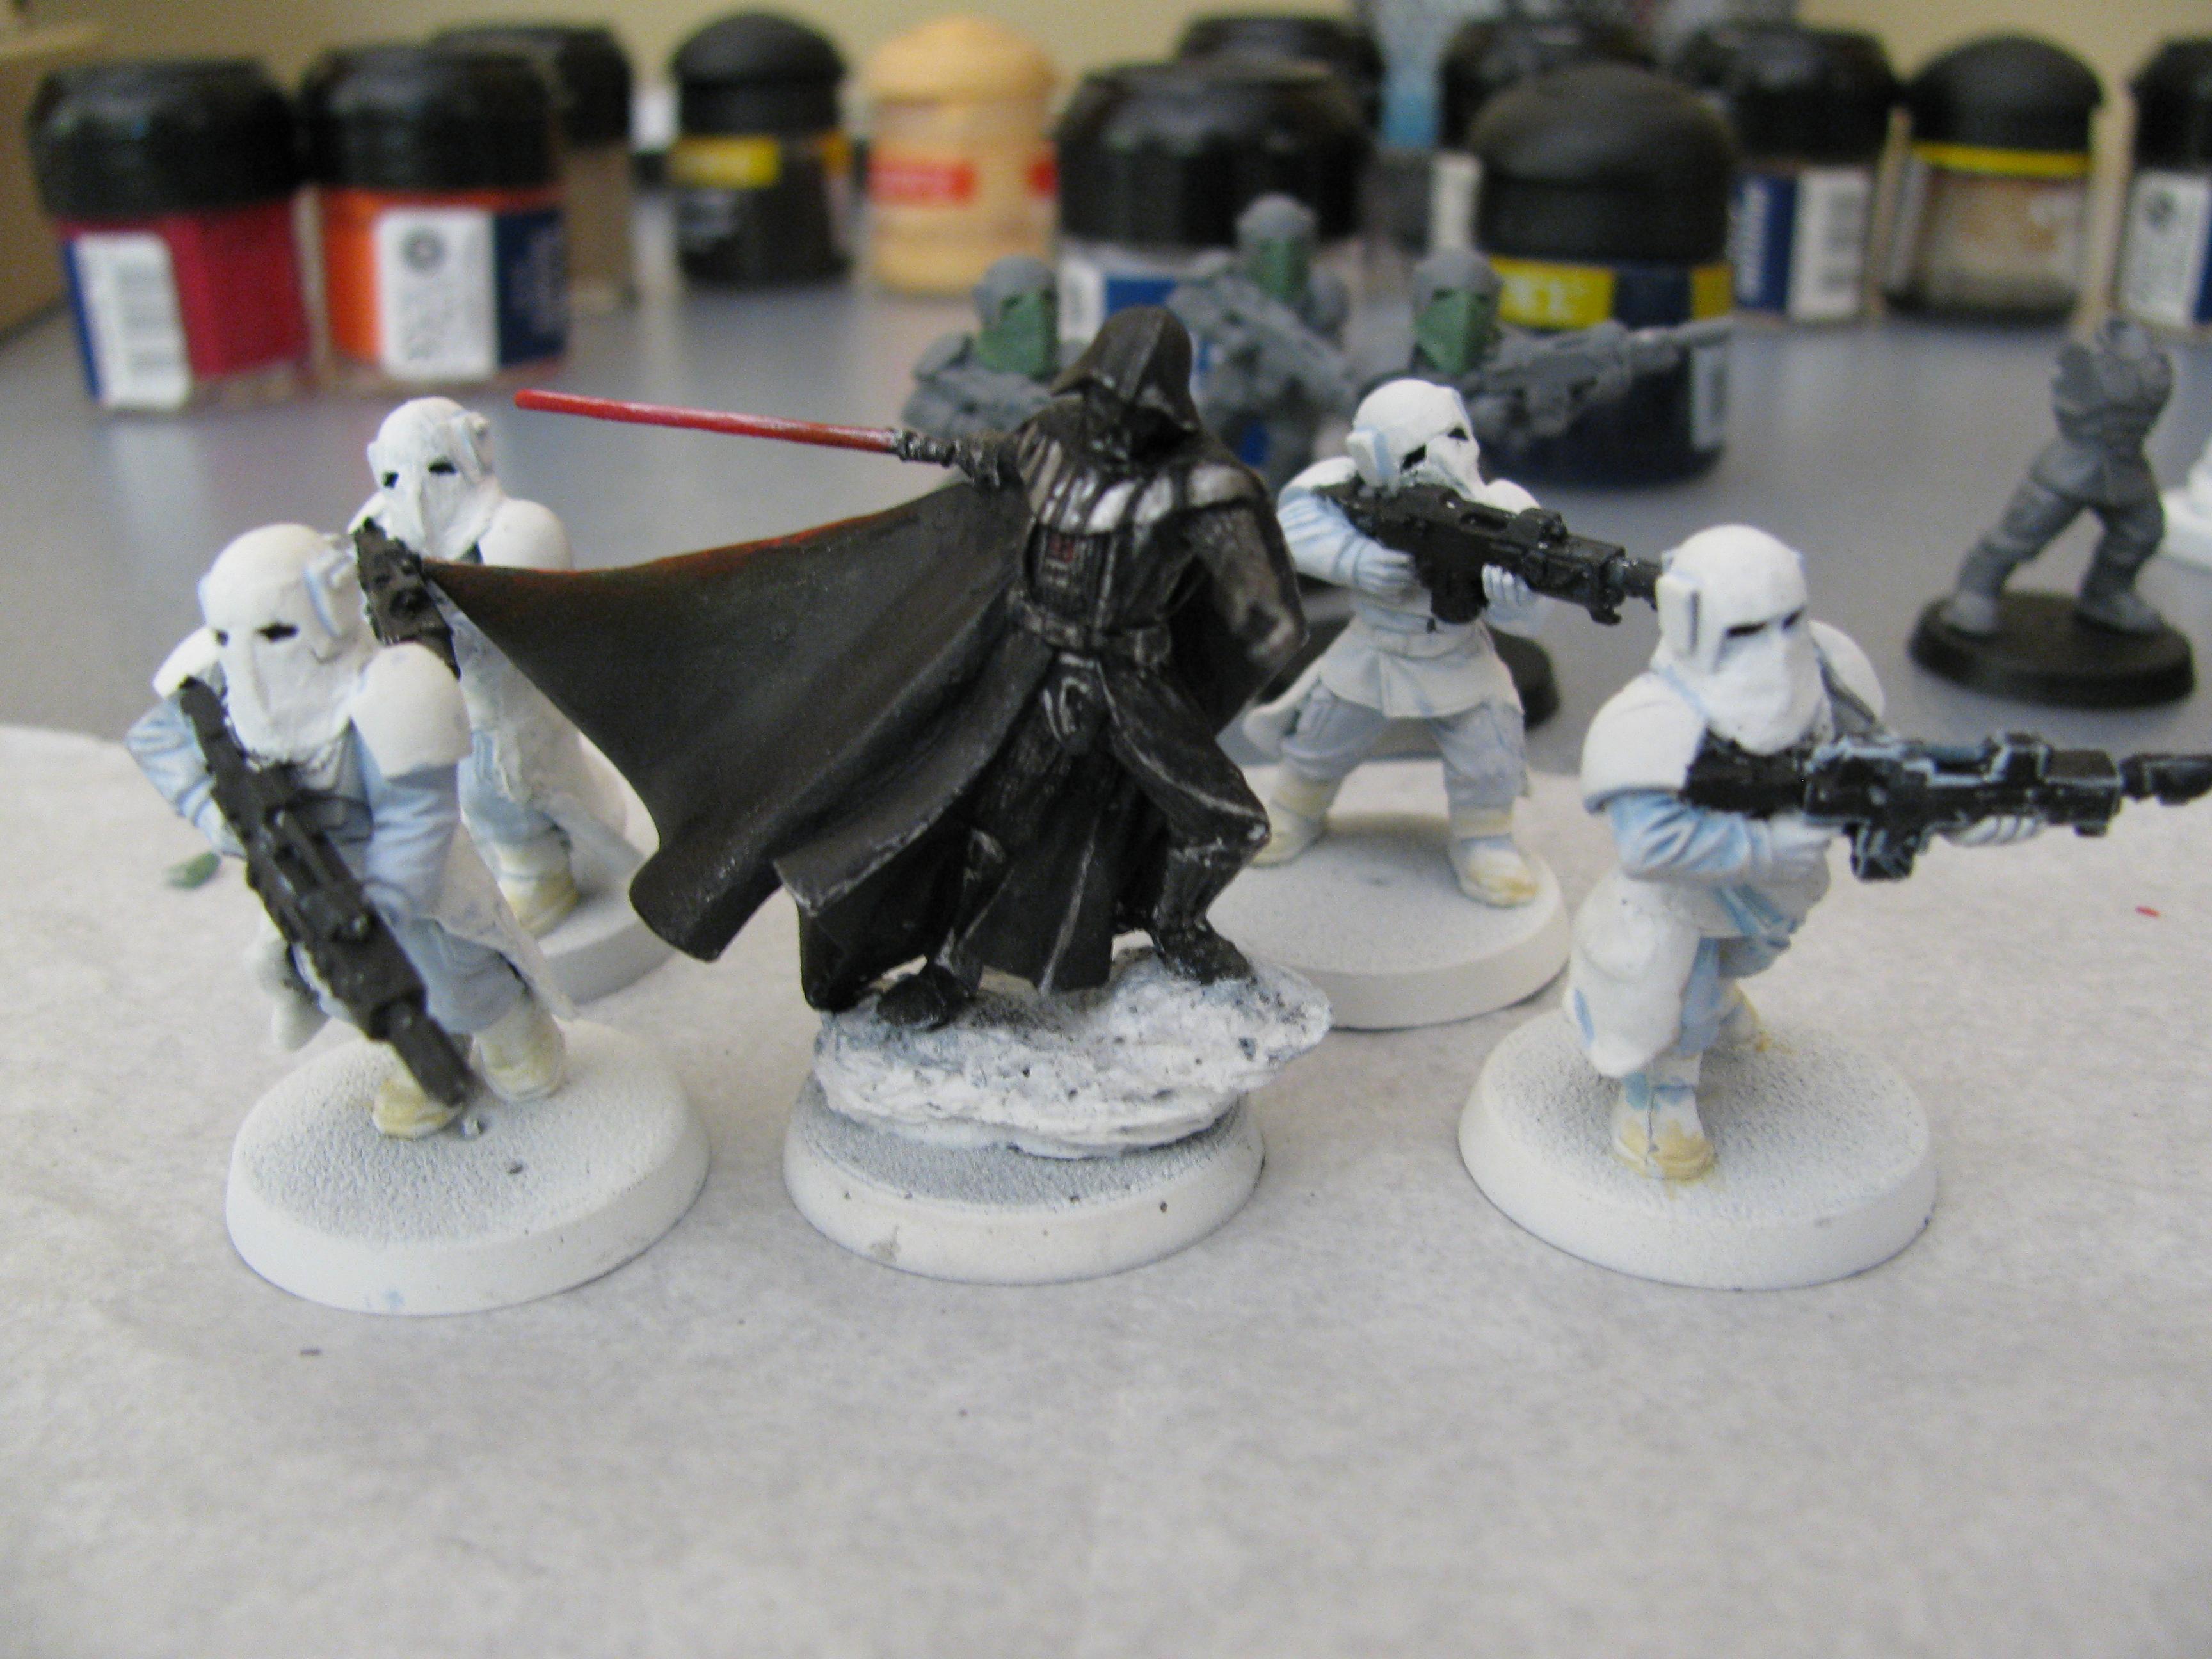 Cadians, Conversion, Darth Vader, Snow, Star Wars